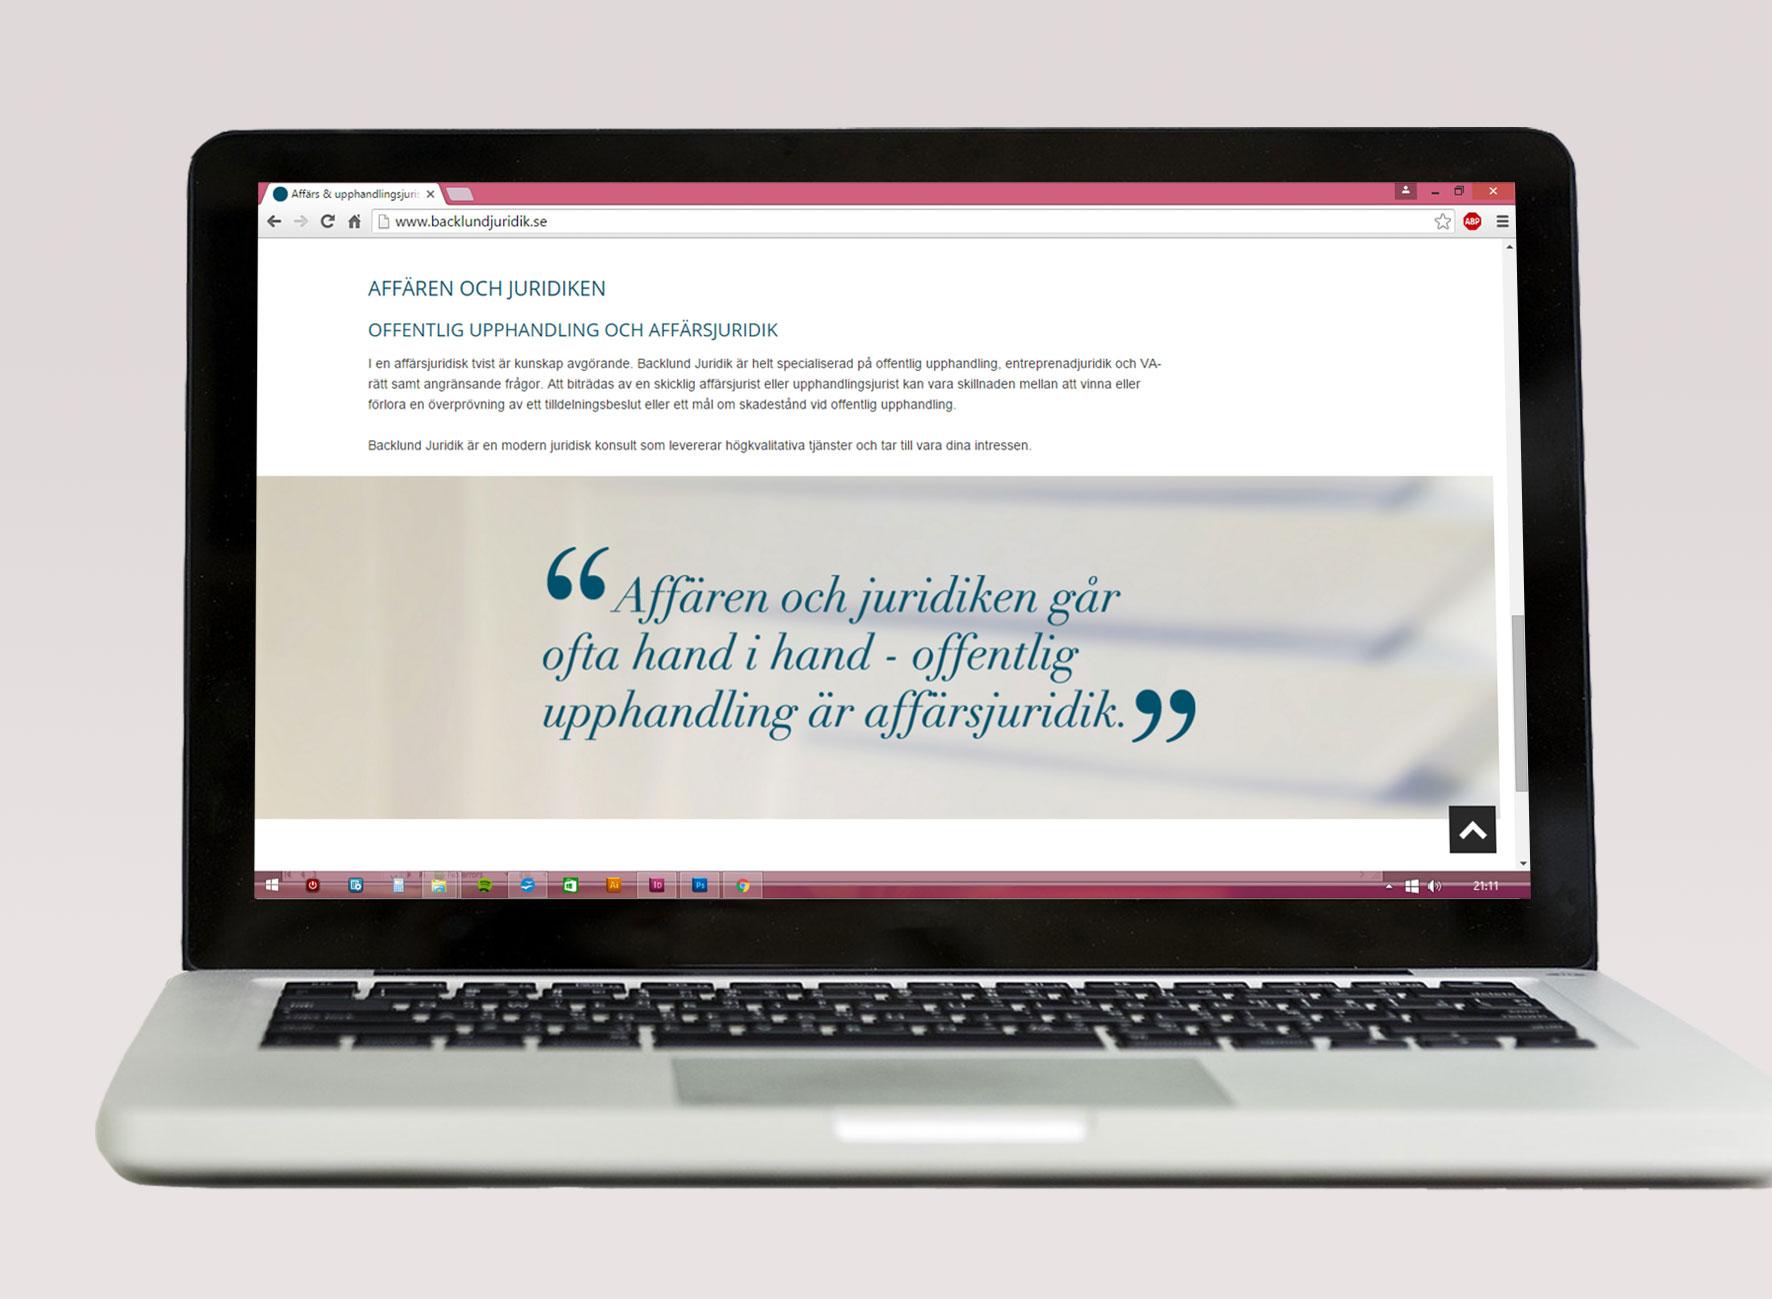 Dating webbplatser gratis chatt sydafrika